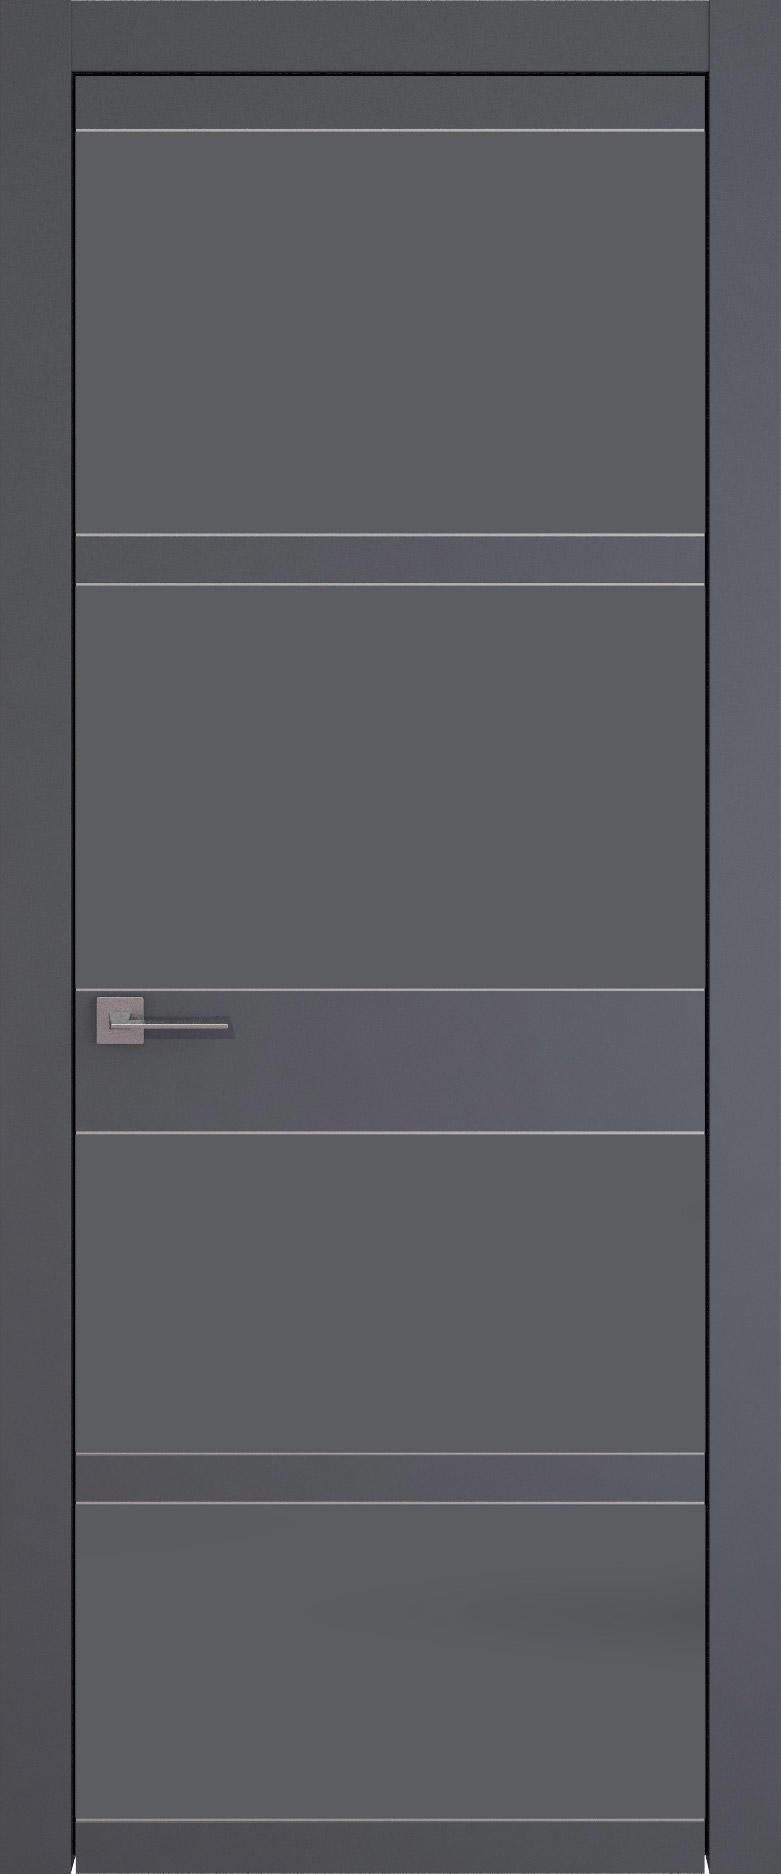 Tivoli Е-2 цвет - Графитово-серая эмаль (RAL 7024) Без стекла (ДГ)